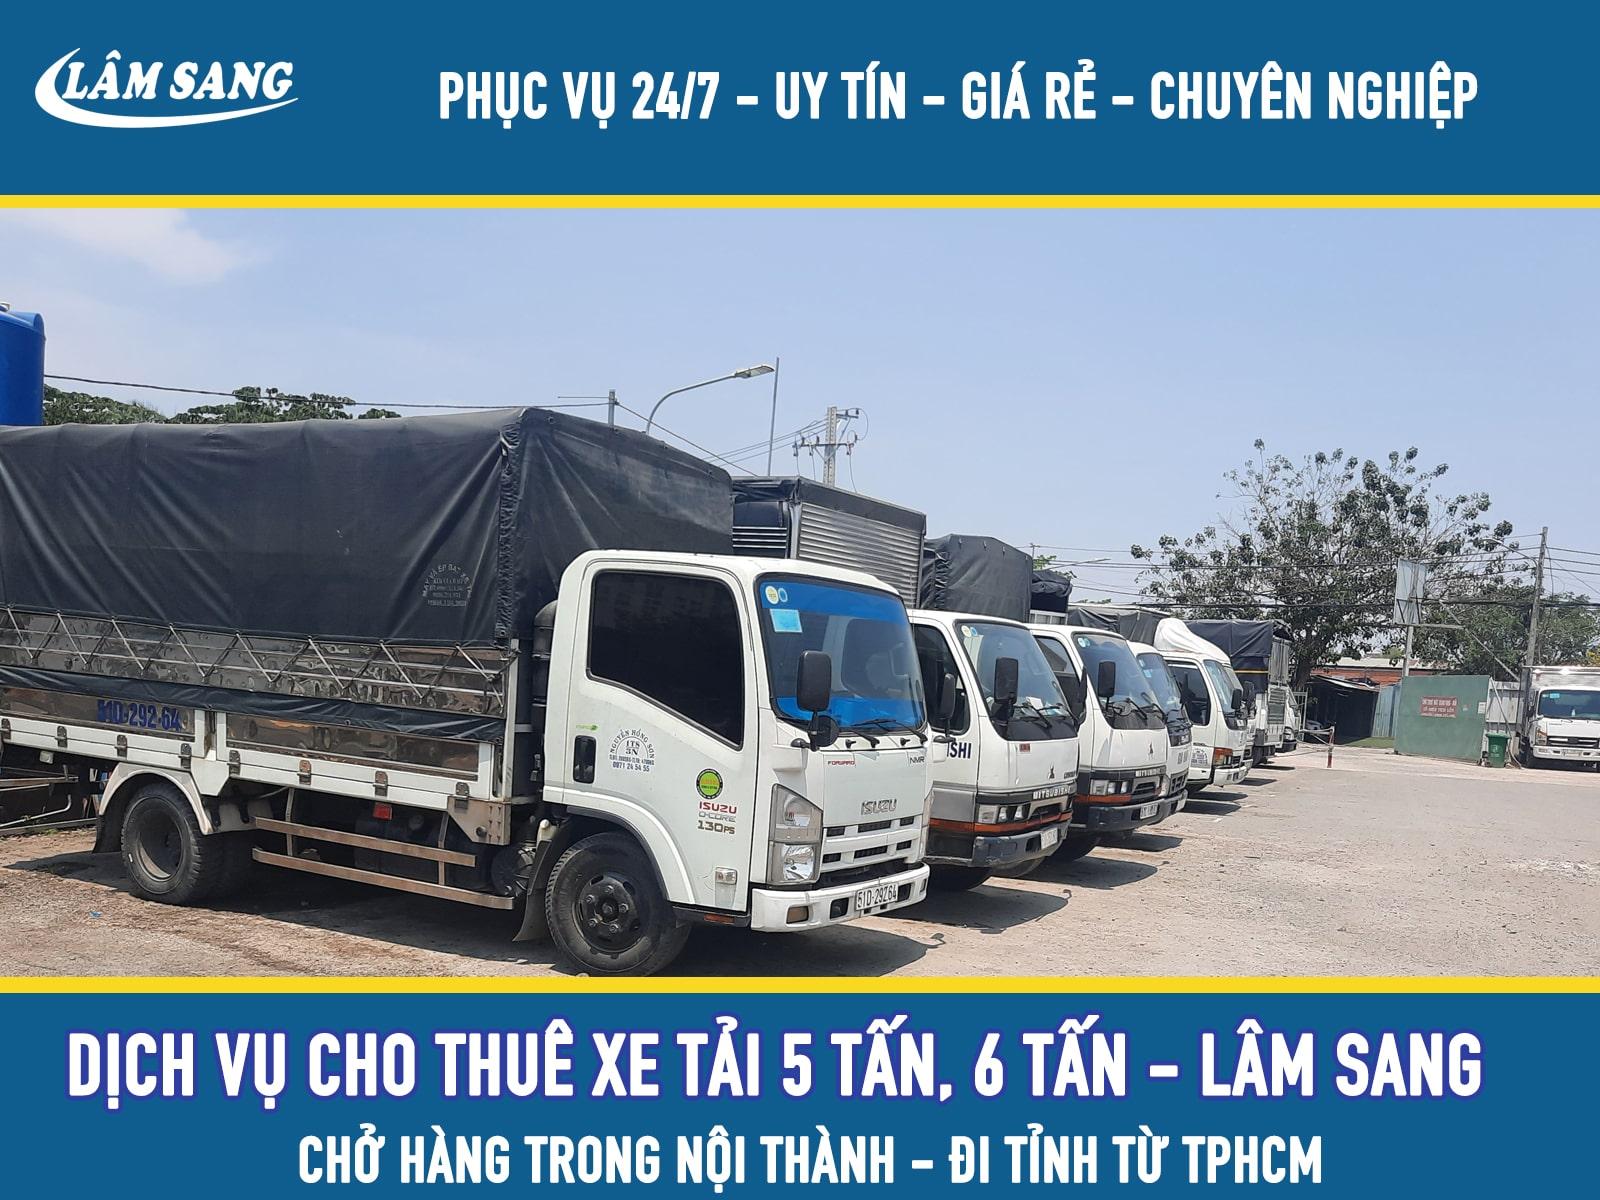 Cho thuê xe tải chở hàng 6 tấn giá rẻ tại tphcm